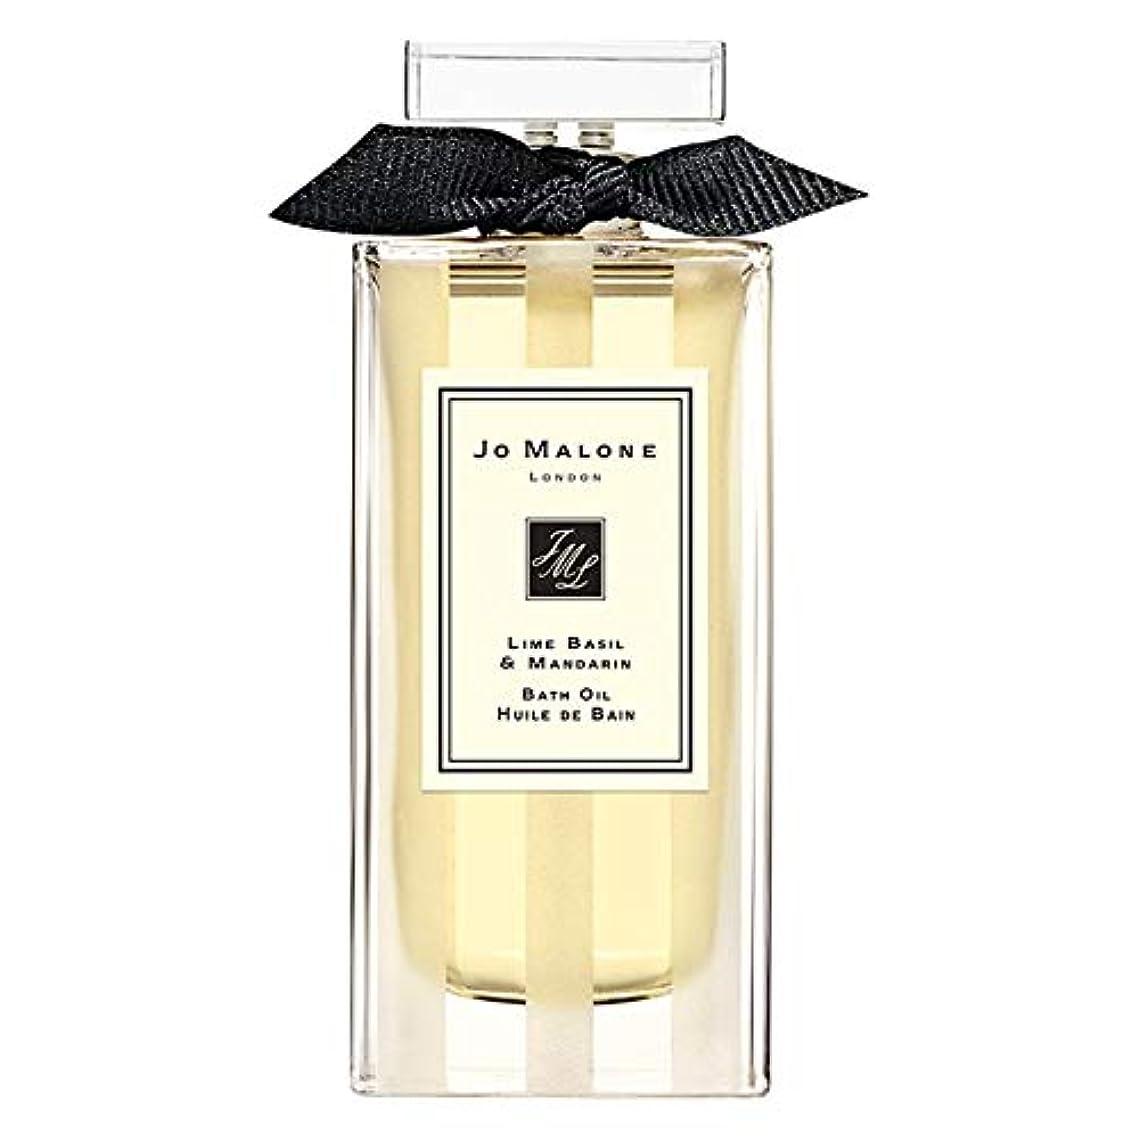 真鍮歩き回る会計[Jo Malone ] ジョーマローンロンドンライムバジル&マンダリンバスオイル30ミリリットル - Jo Malone London Lime Basil & Mandarin Bath Oil 30ml [並行輸入品]